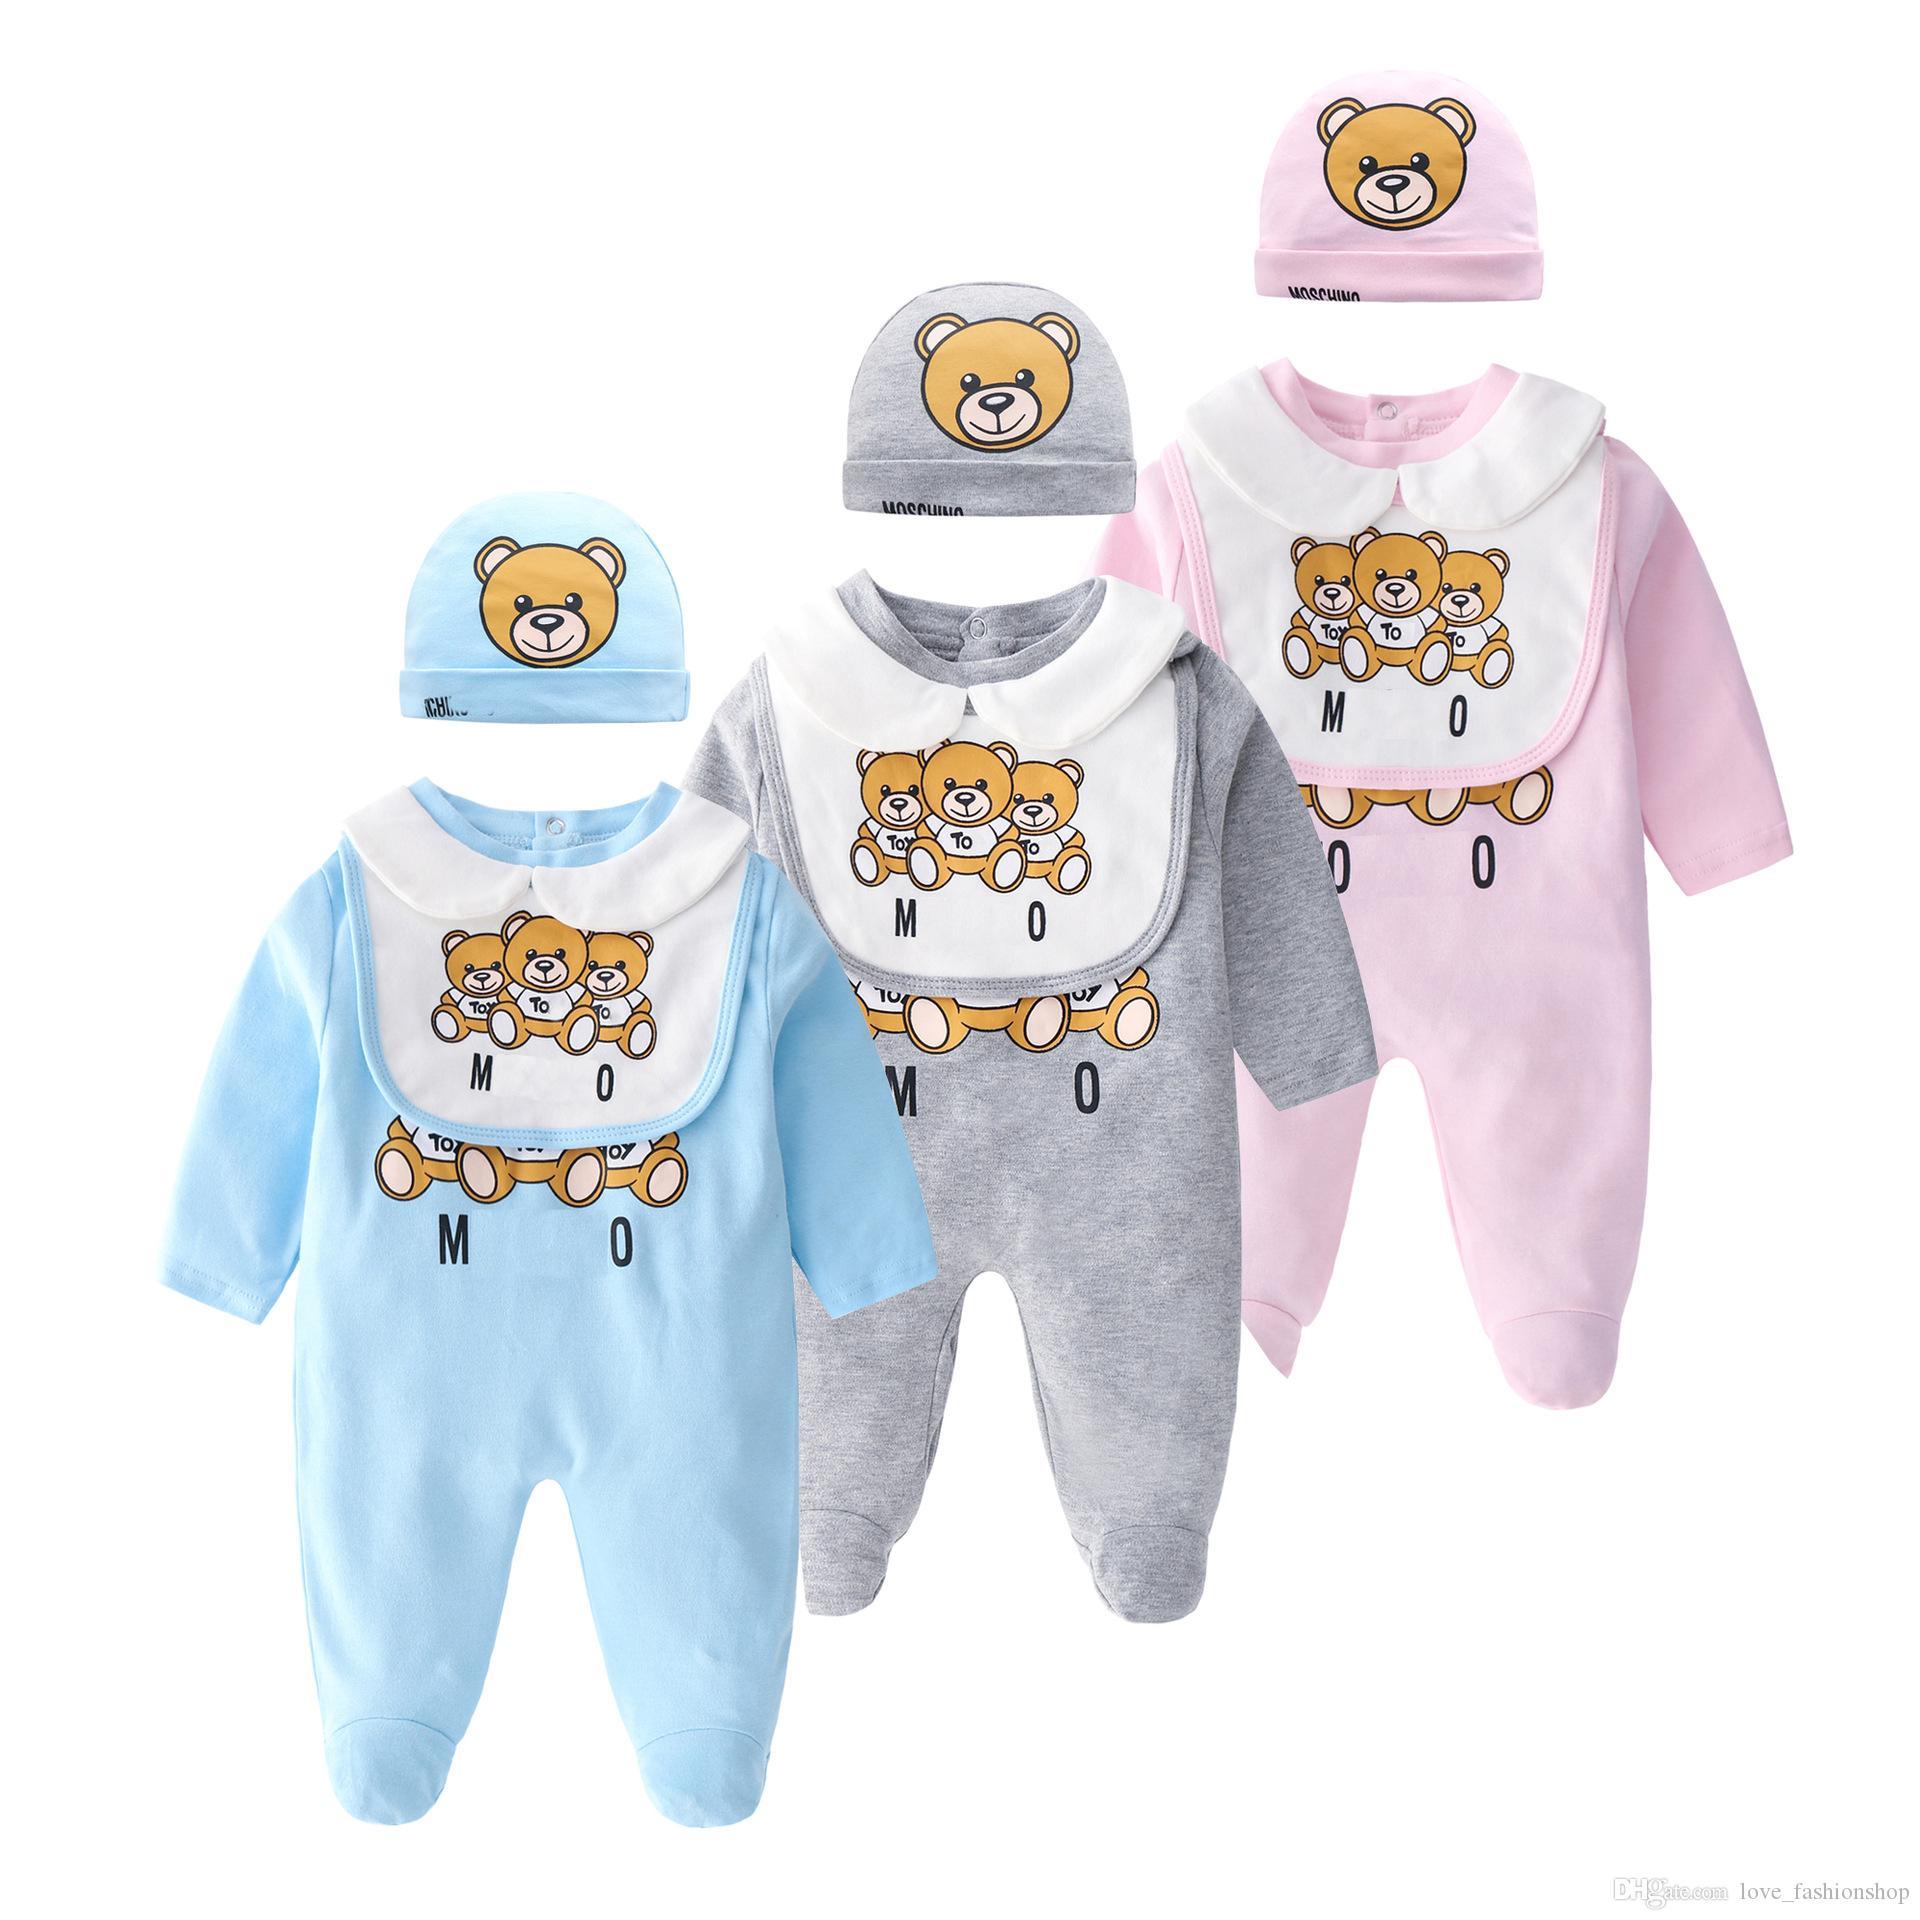 Vendita al dettaglio tutine per neonato 2 pezzi set con cappuccio in cotone stampato tuta tutina tute monopezzo toddle infant bambini vestiti firmati